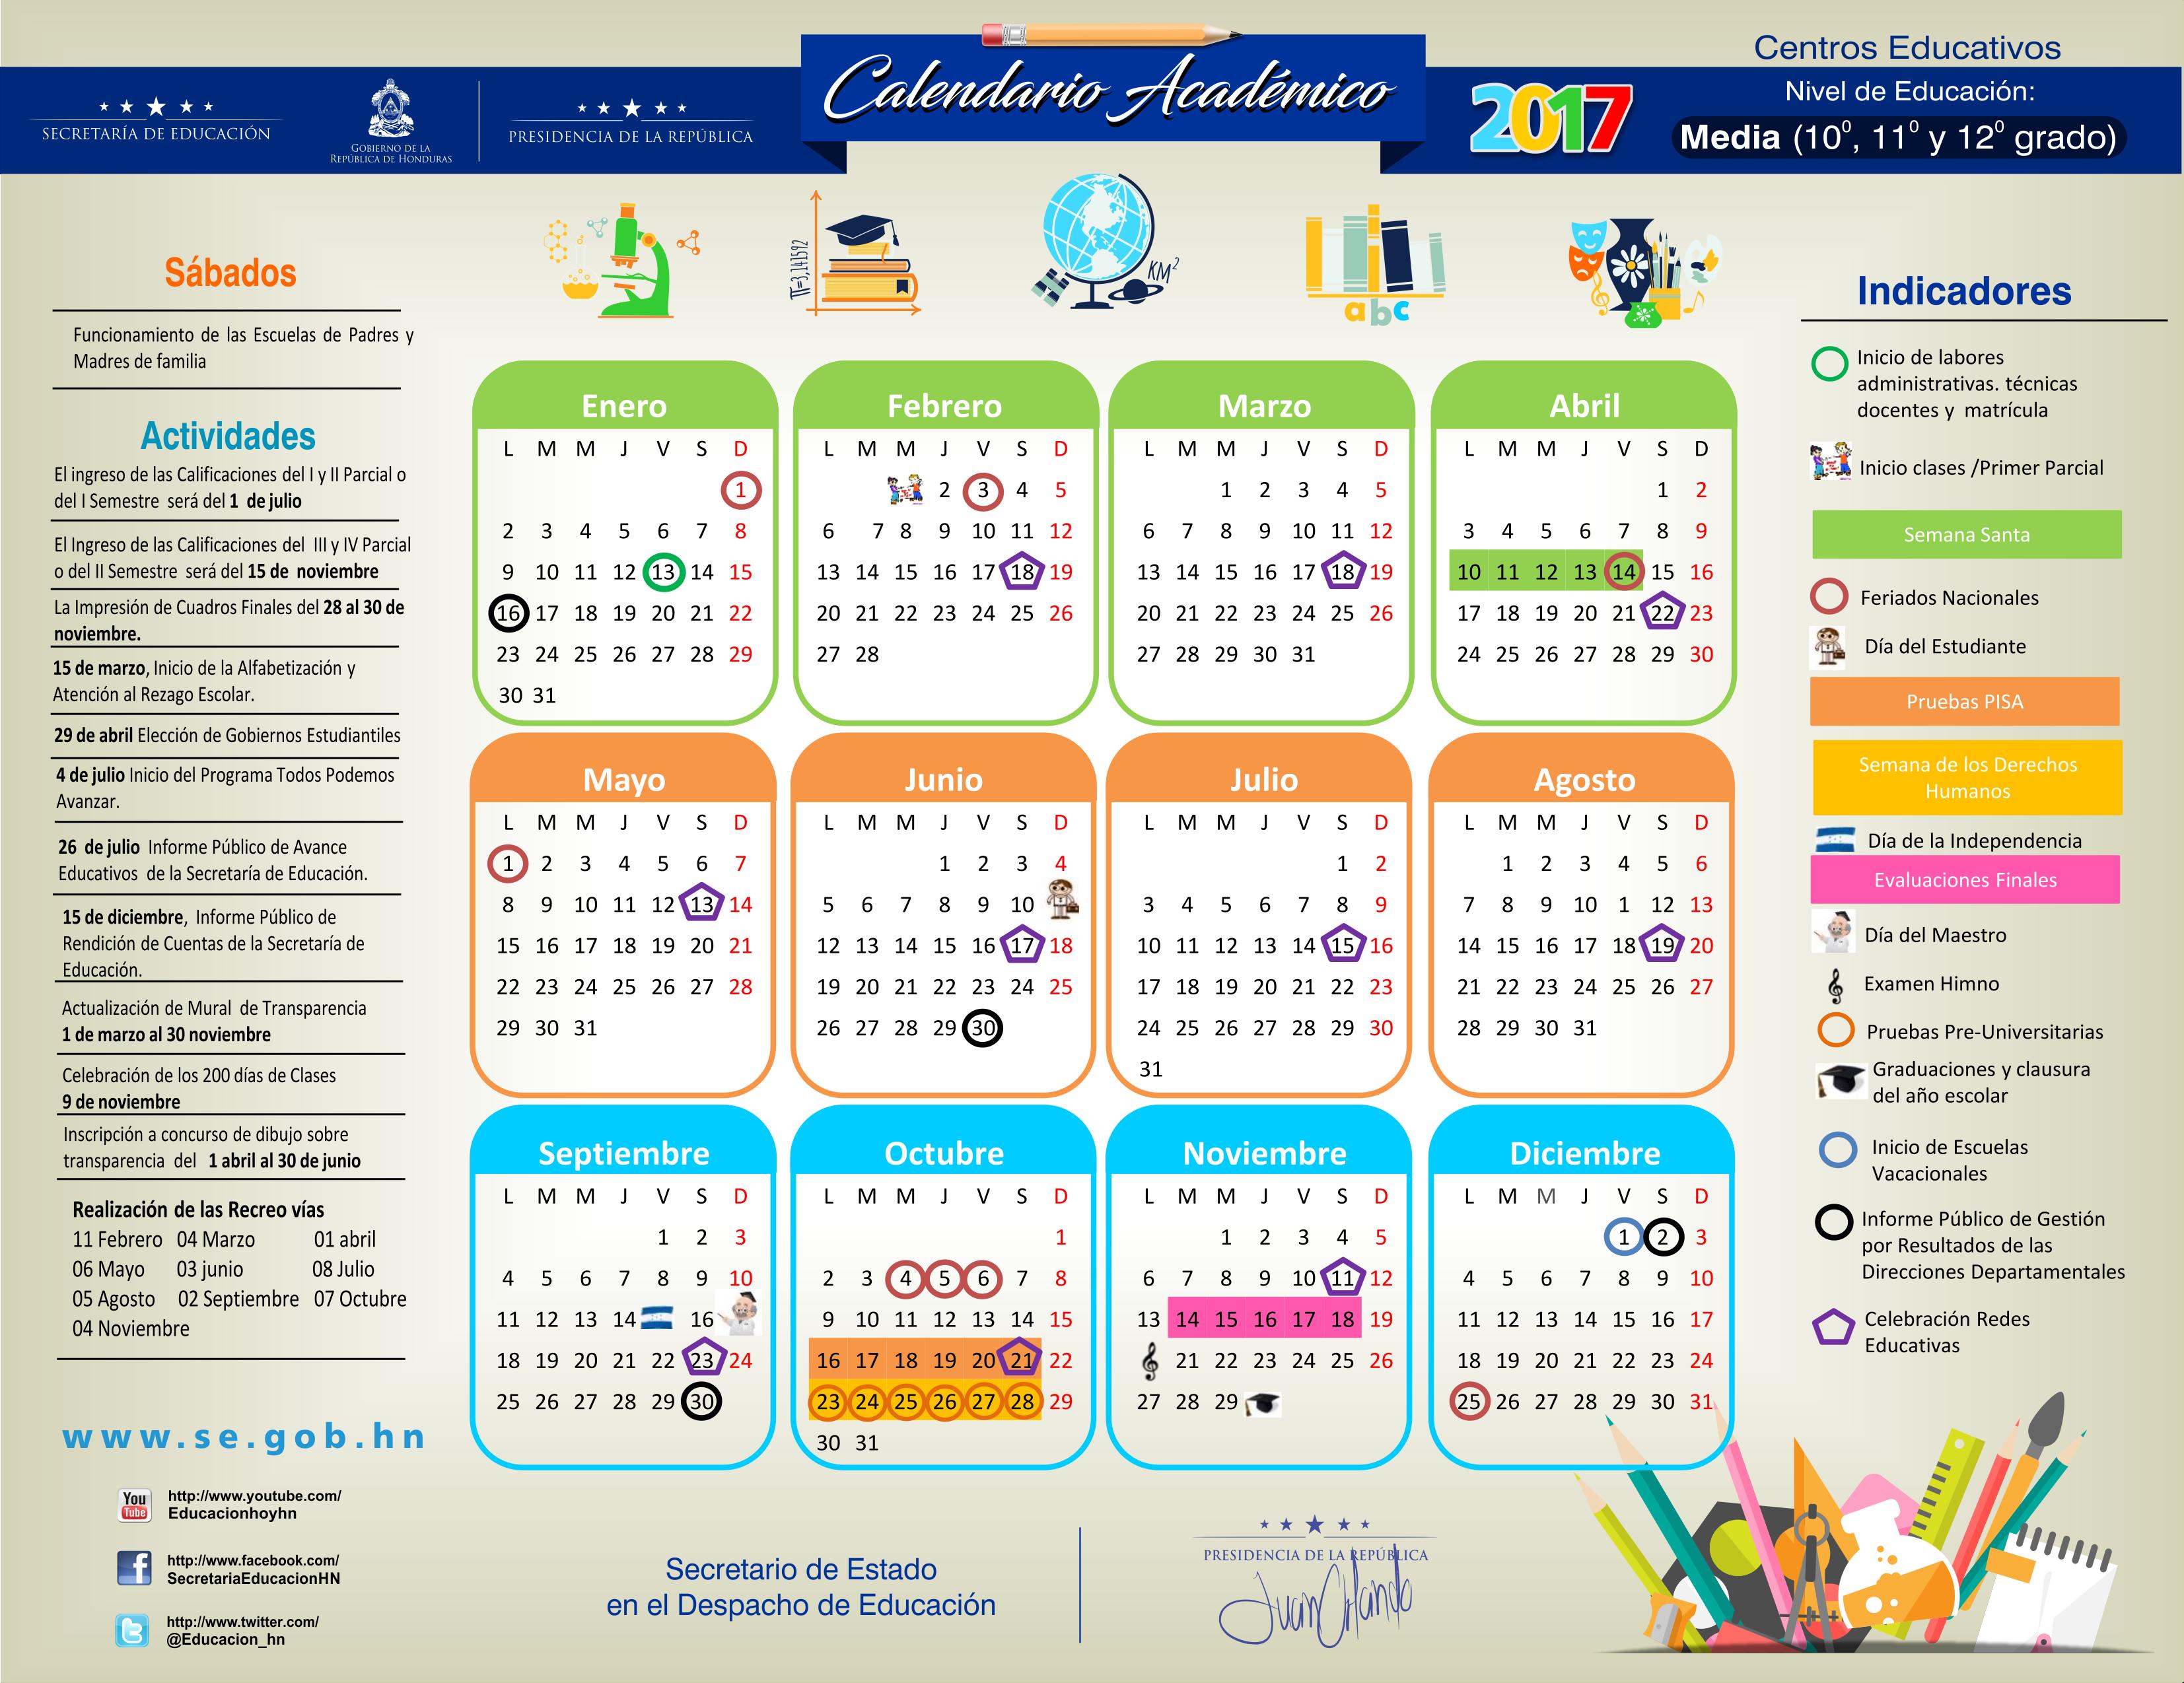 Secretaría de Educación oficializa el calendario escolar 2017